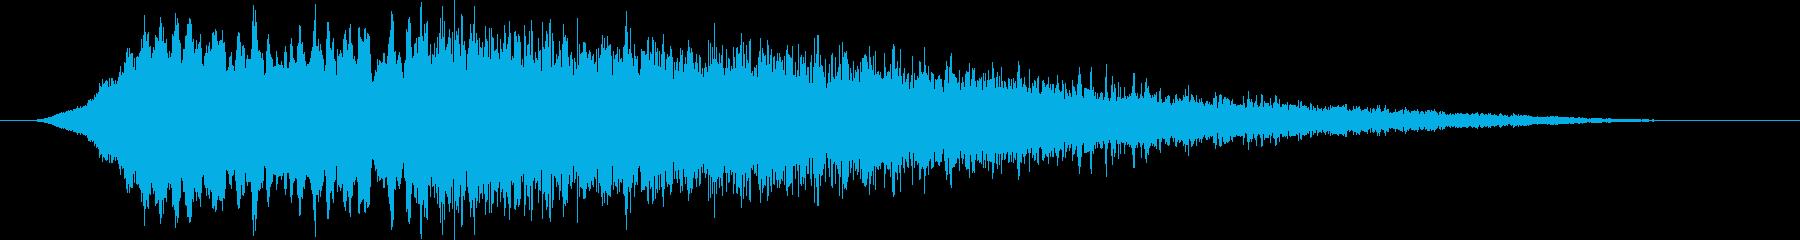 ディスコサイレン タイプBの再生済みの波形